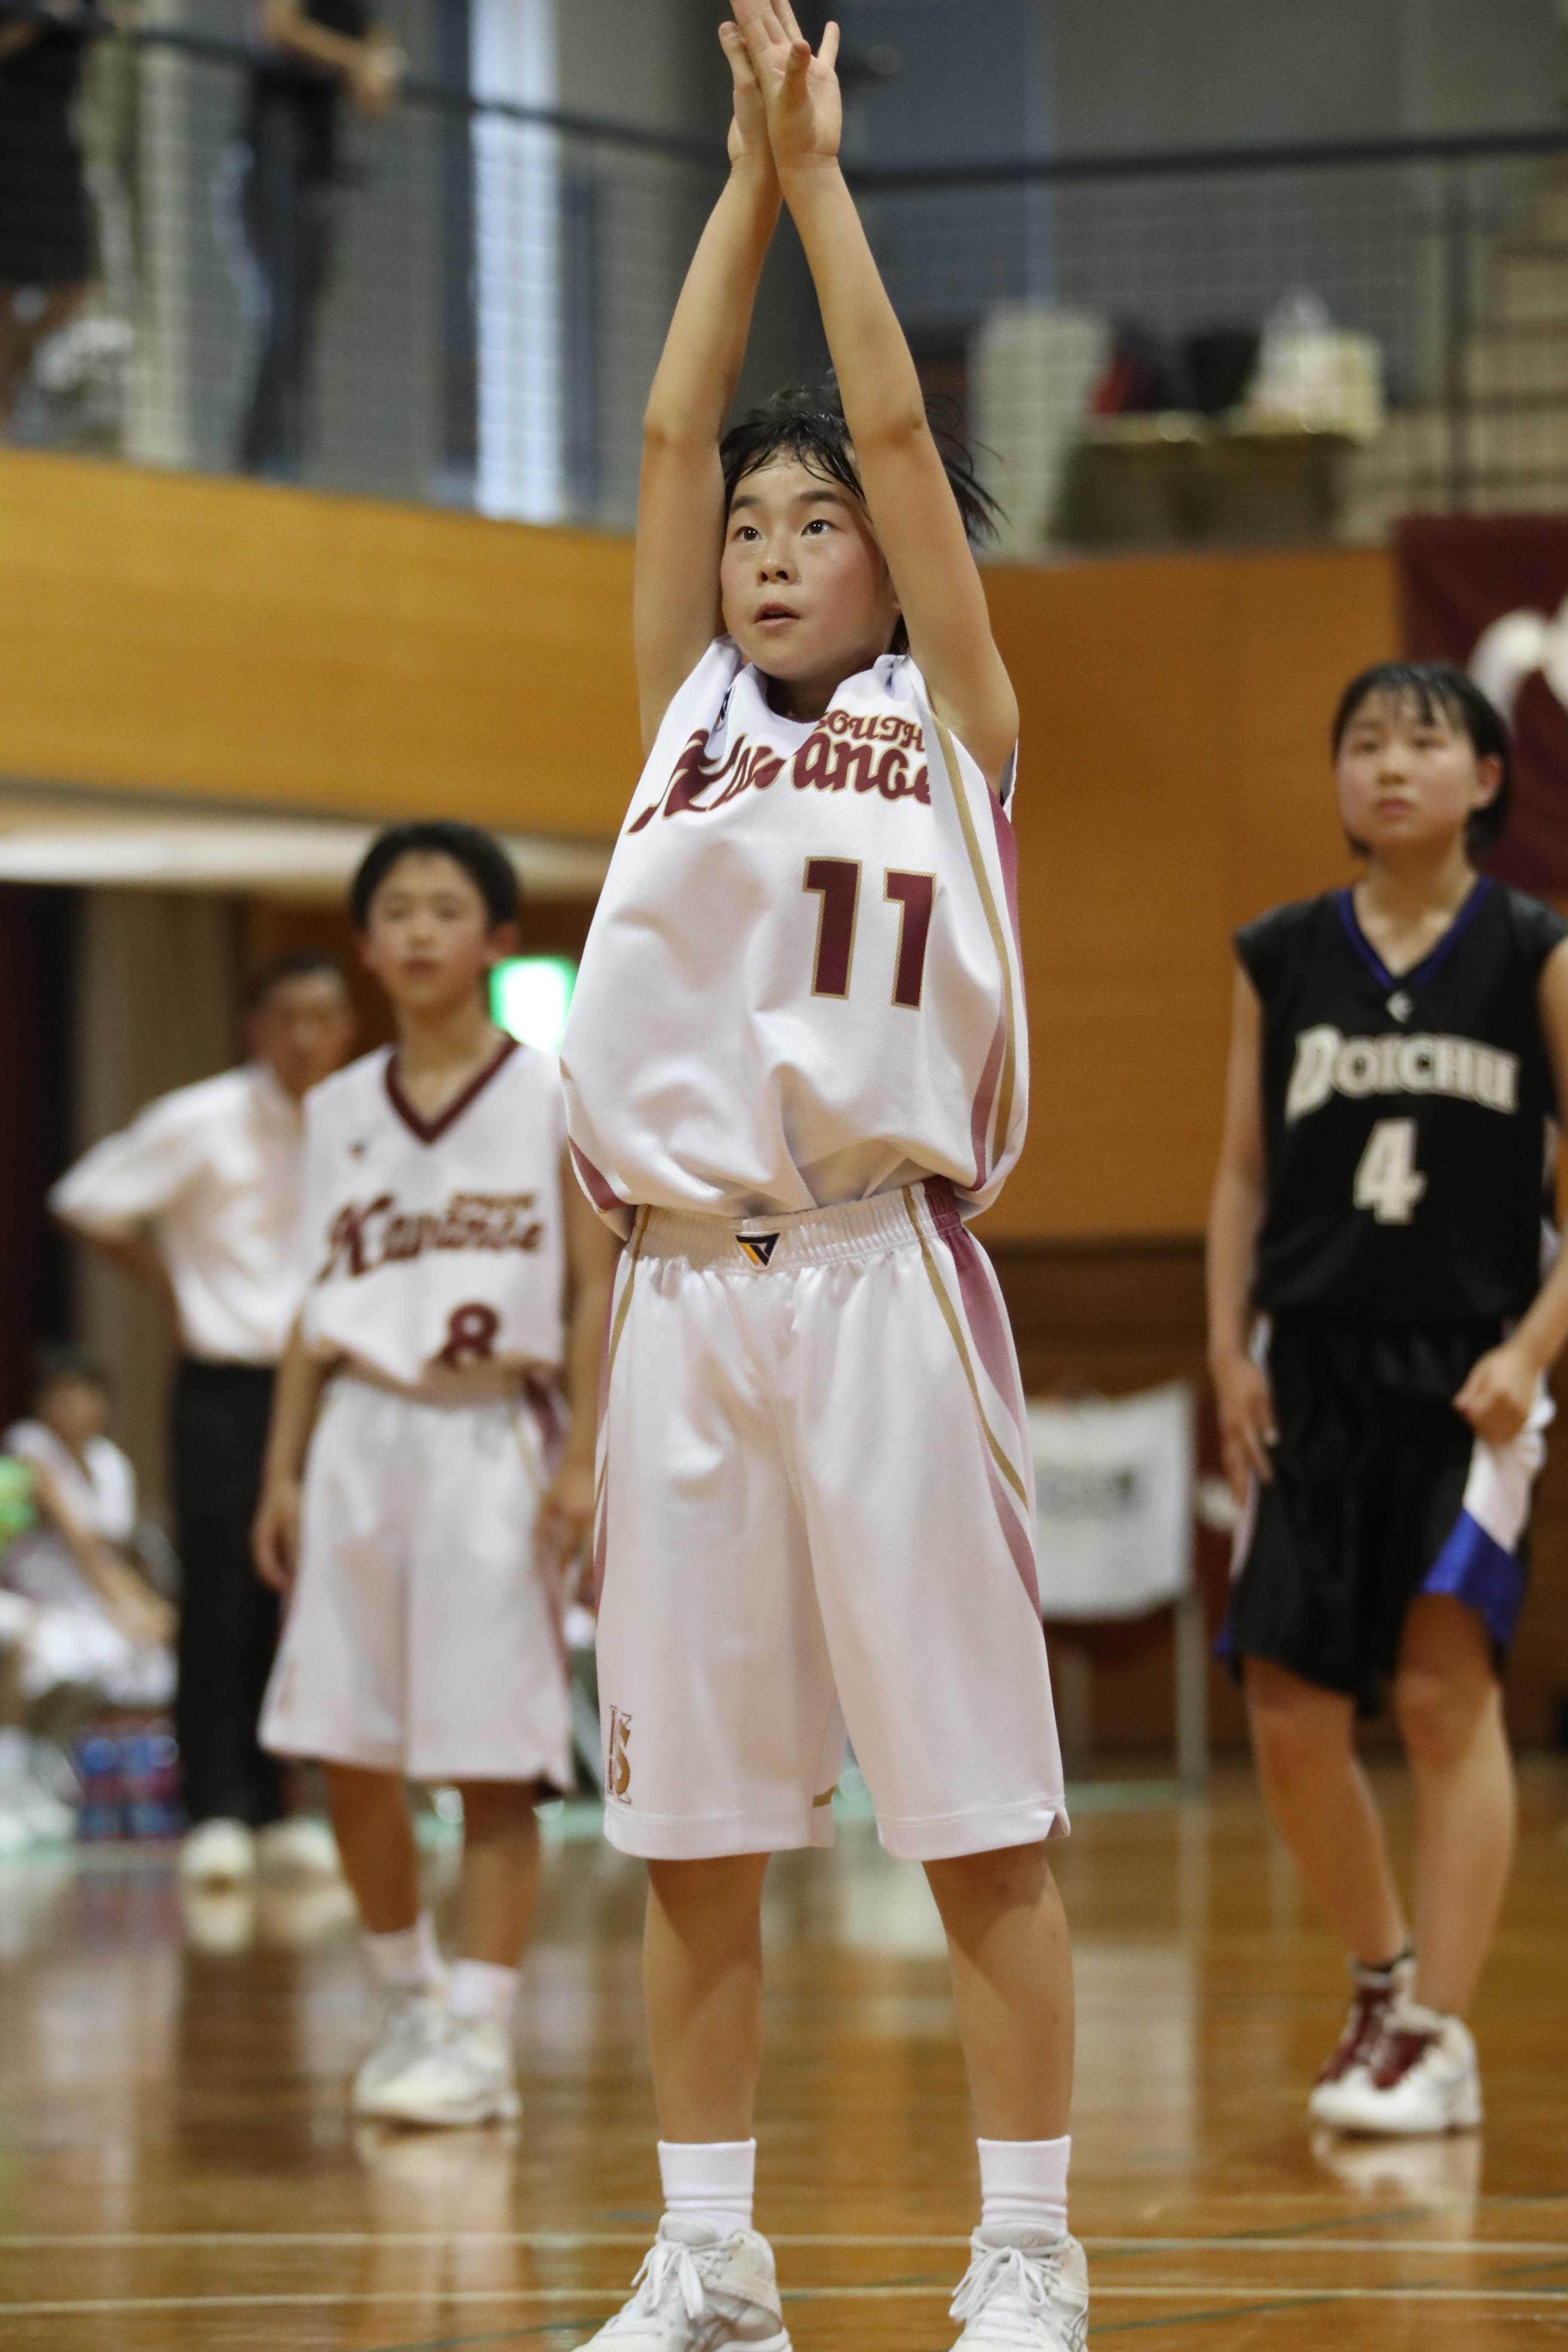 バスケット (98)